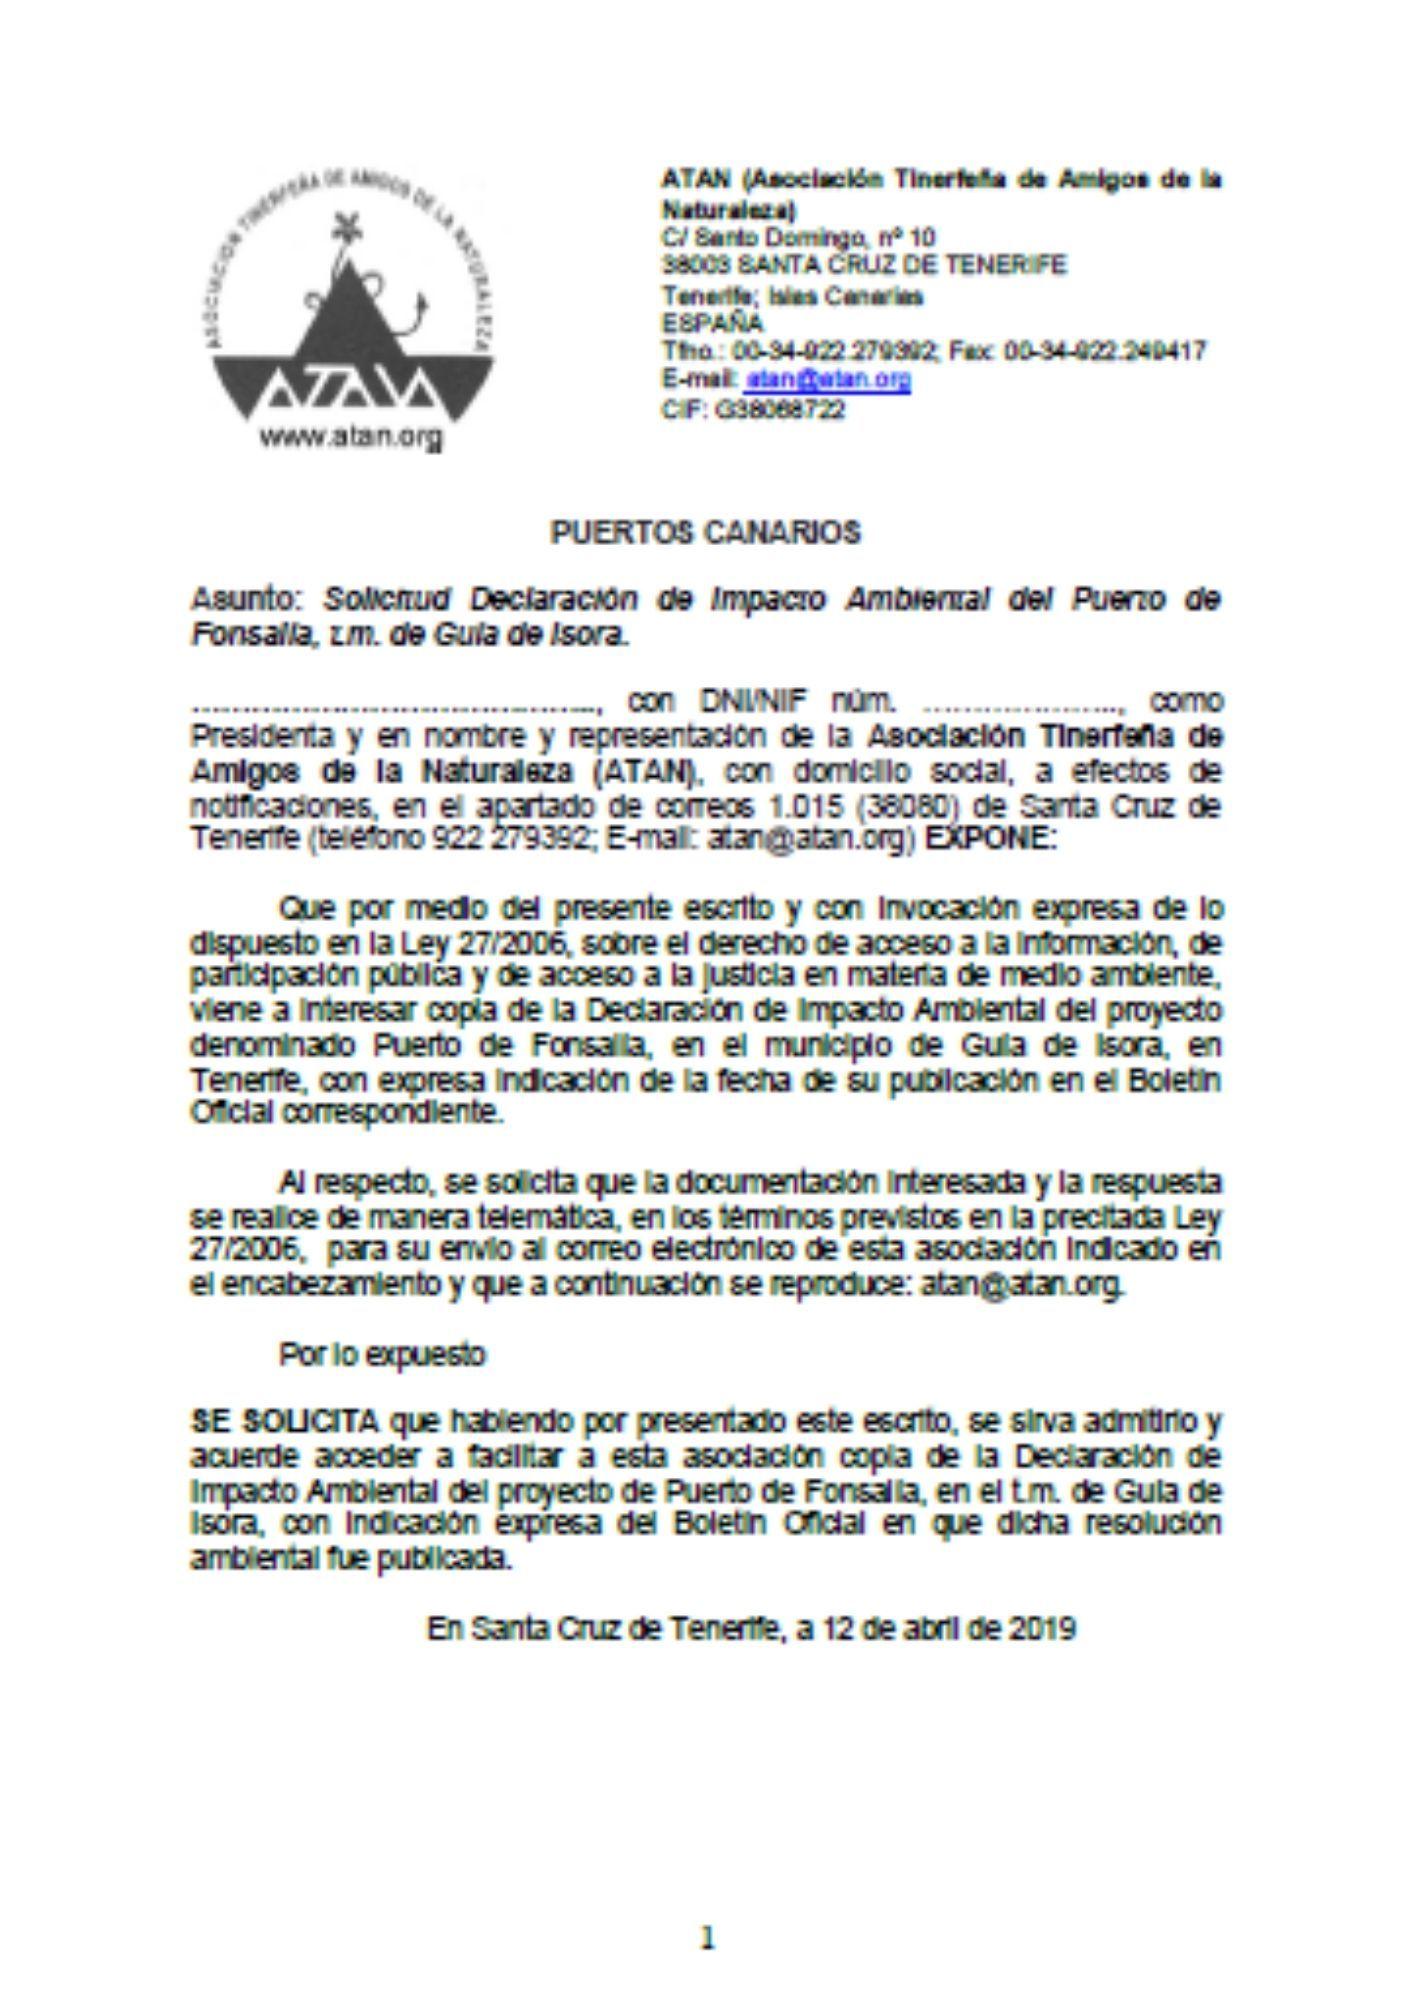 Escrito DIA puerto Fonsalía (abril de 2019)